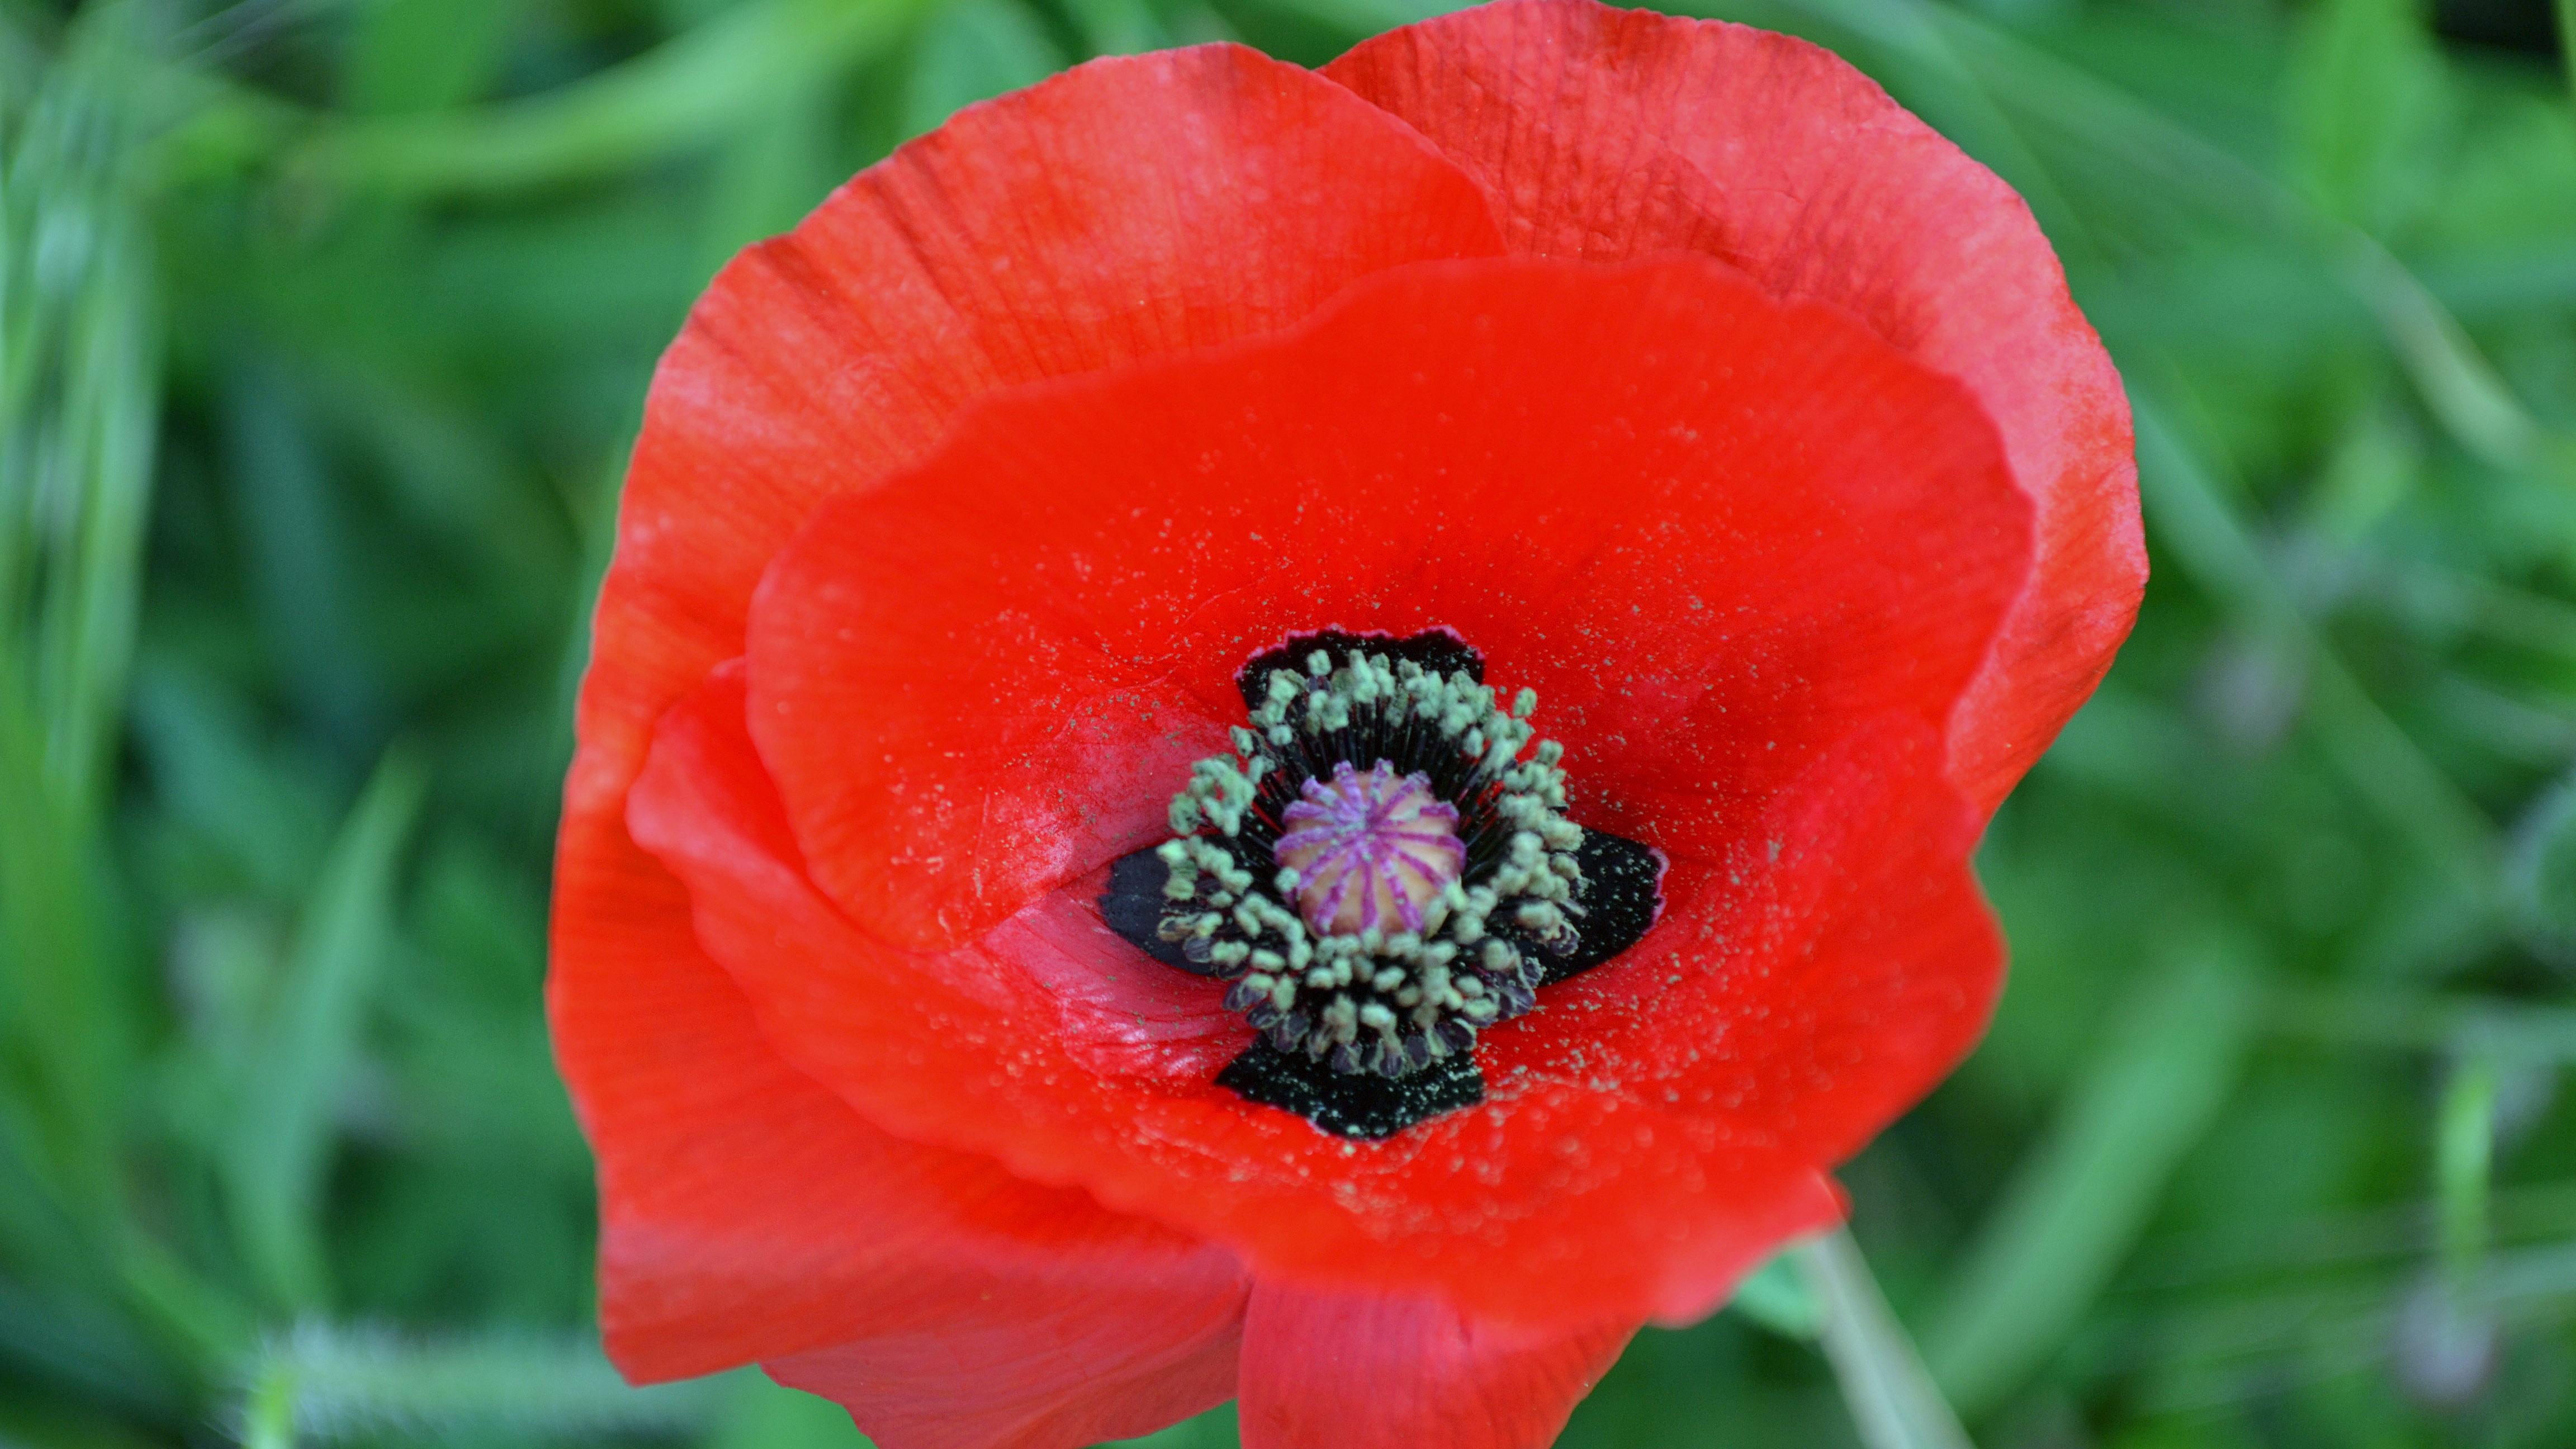 De klaprozen komen er ook weer aan, de prachtige rode bloemen in het duin (Foto: Sjef Kenniphaas).